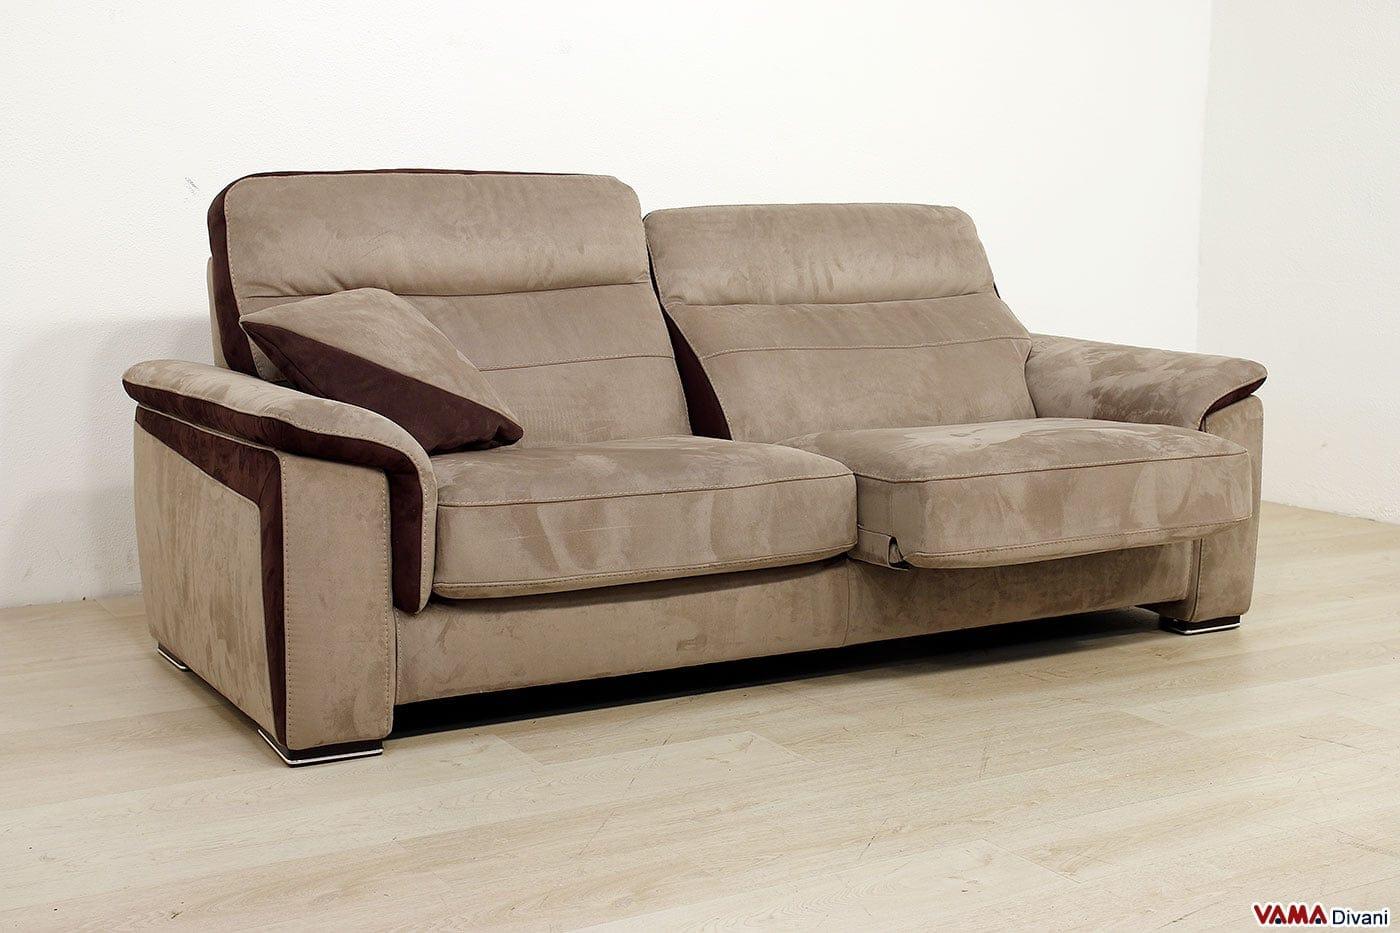 Offerta divano con seduta scorrevole fox vama divani - Divano letto scorrevole ...